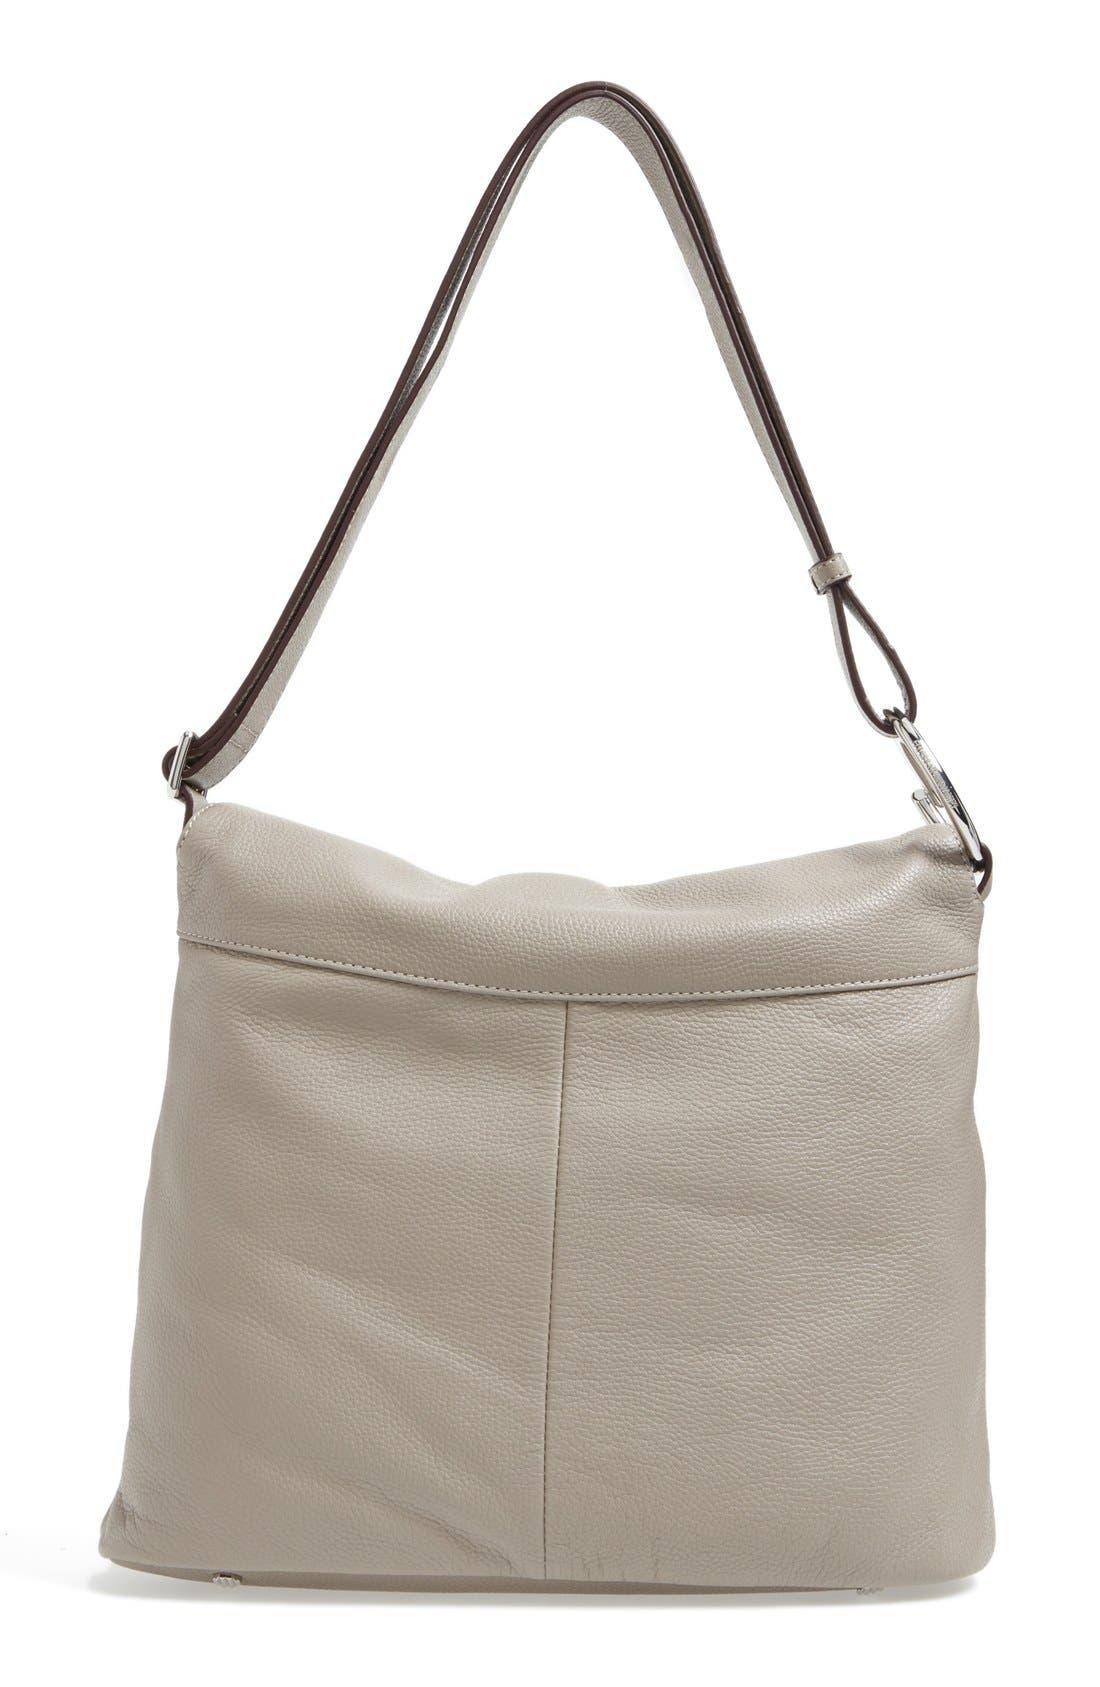 Alternate Image 3  - Elizabeth and James Finley Leather Hobo Bag